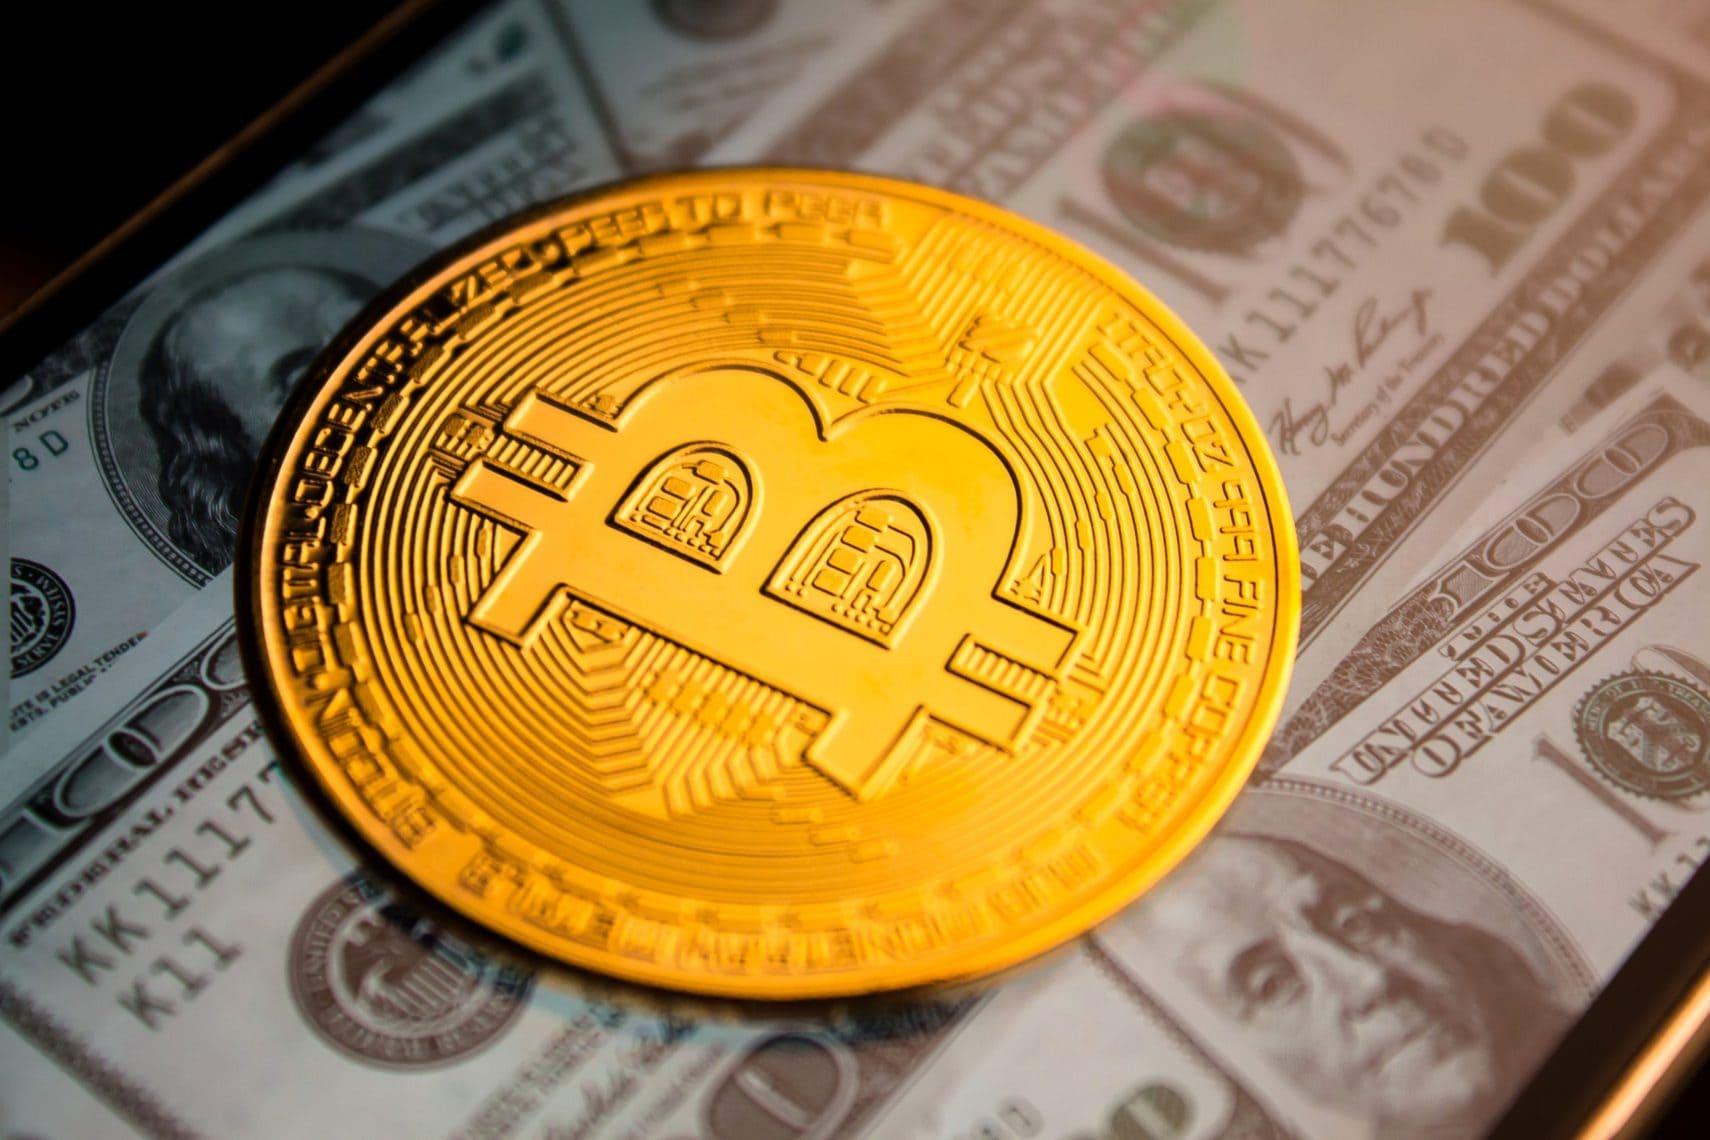 bitcoin-währung oder investition wie kann ich unter 14 geld verdienen mit 12